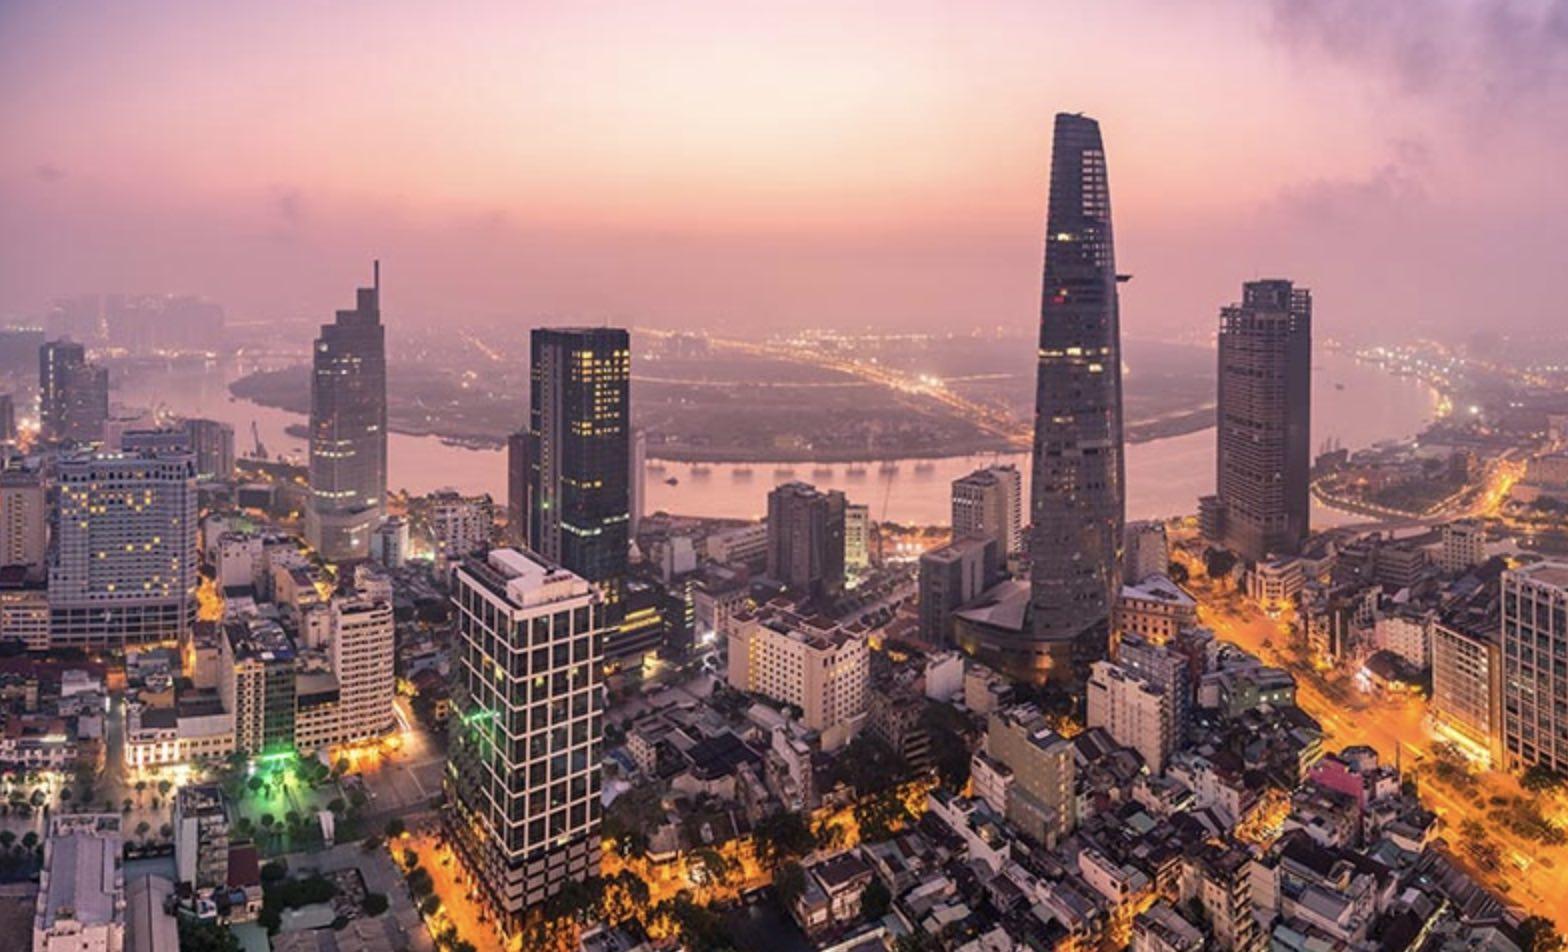 Ho Chi Minh City, Vietnam, Hanoi, Coronavirus, COVID-19